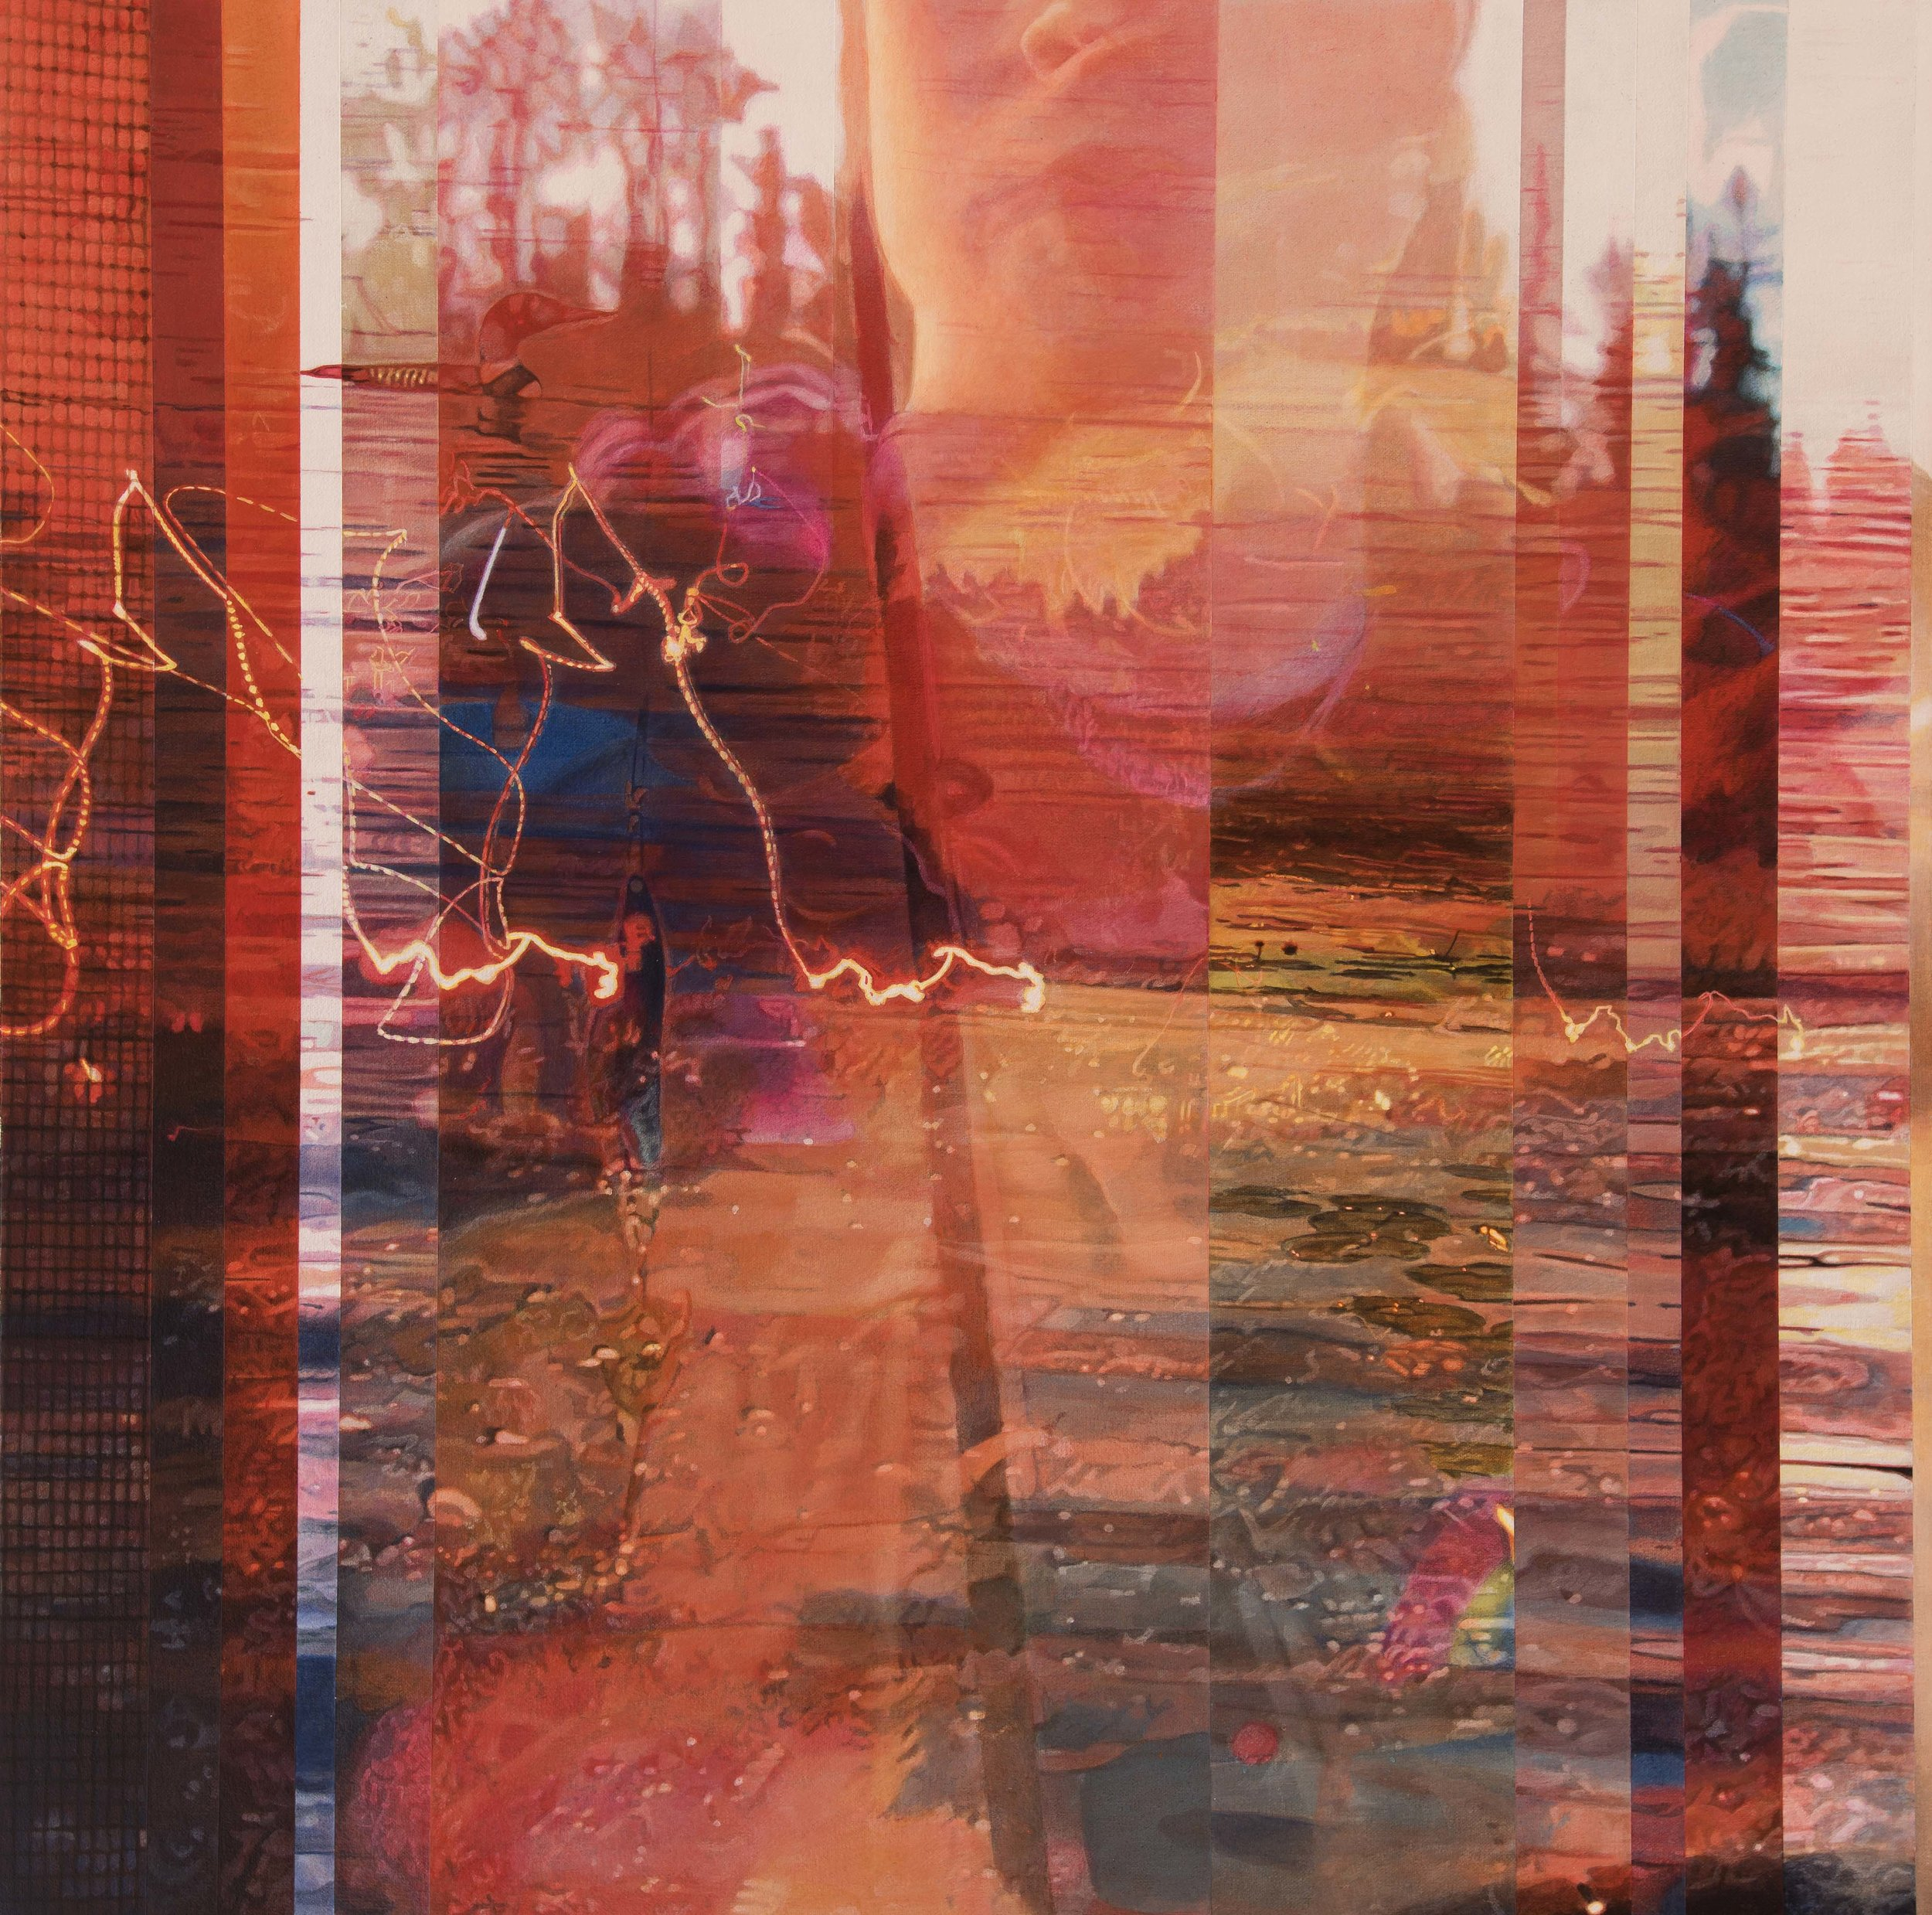 Si je me noie les pieds sur terre, pourrais-je marcher sur l'eau  Acrylique sur toile 30 x 30 pouces 2018 Collection privée Crédit photo: Donald Trépanier